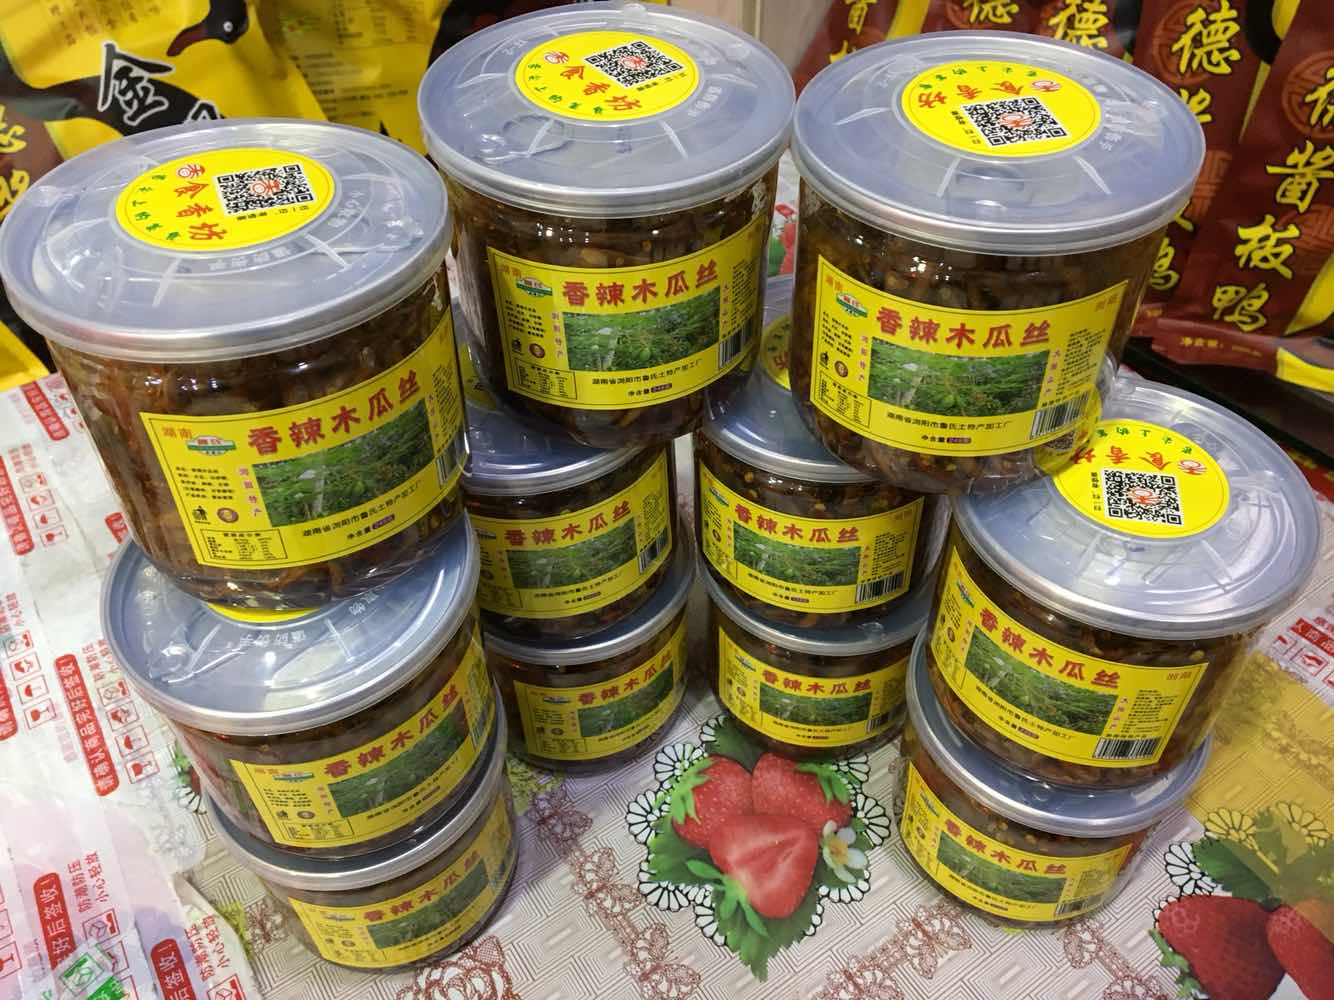 湖南特产食香坊香辣木瓜丝干248g 纯手工自制爽口干酱菜香辣下饭